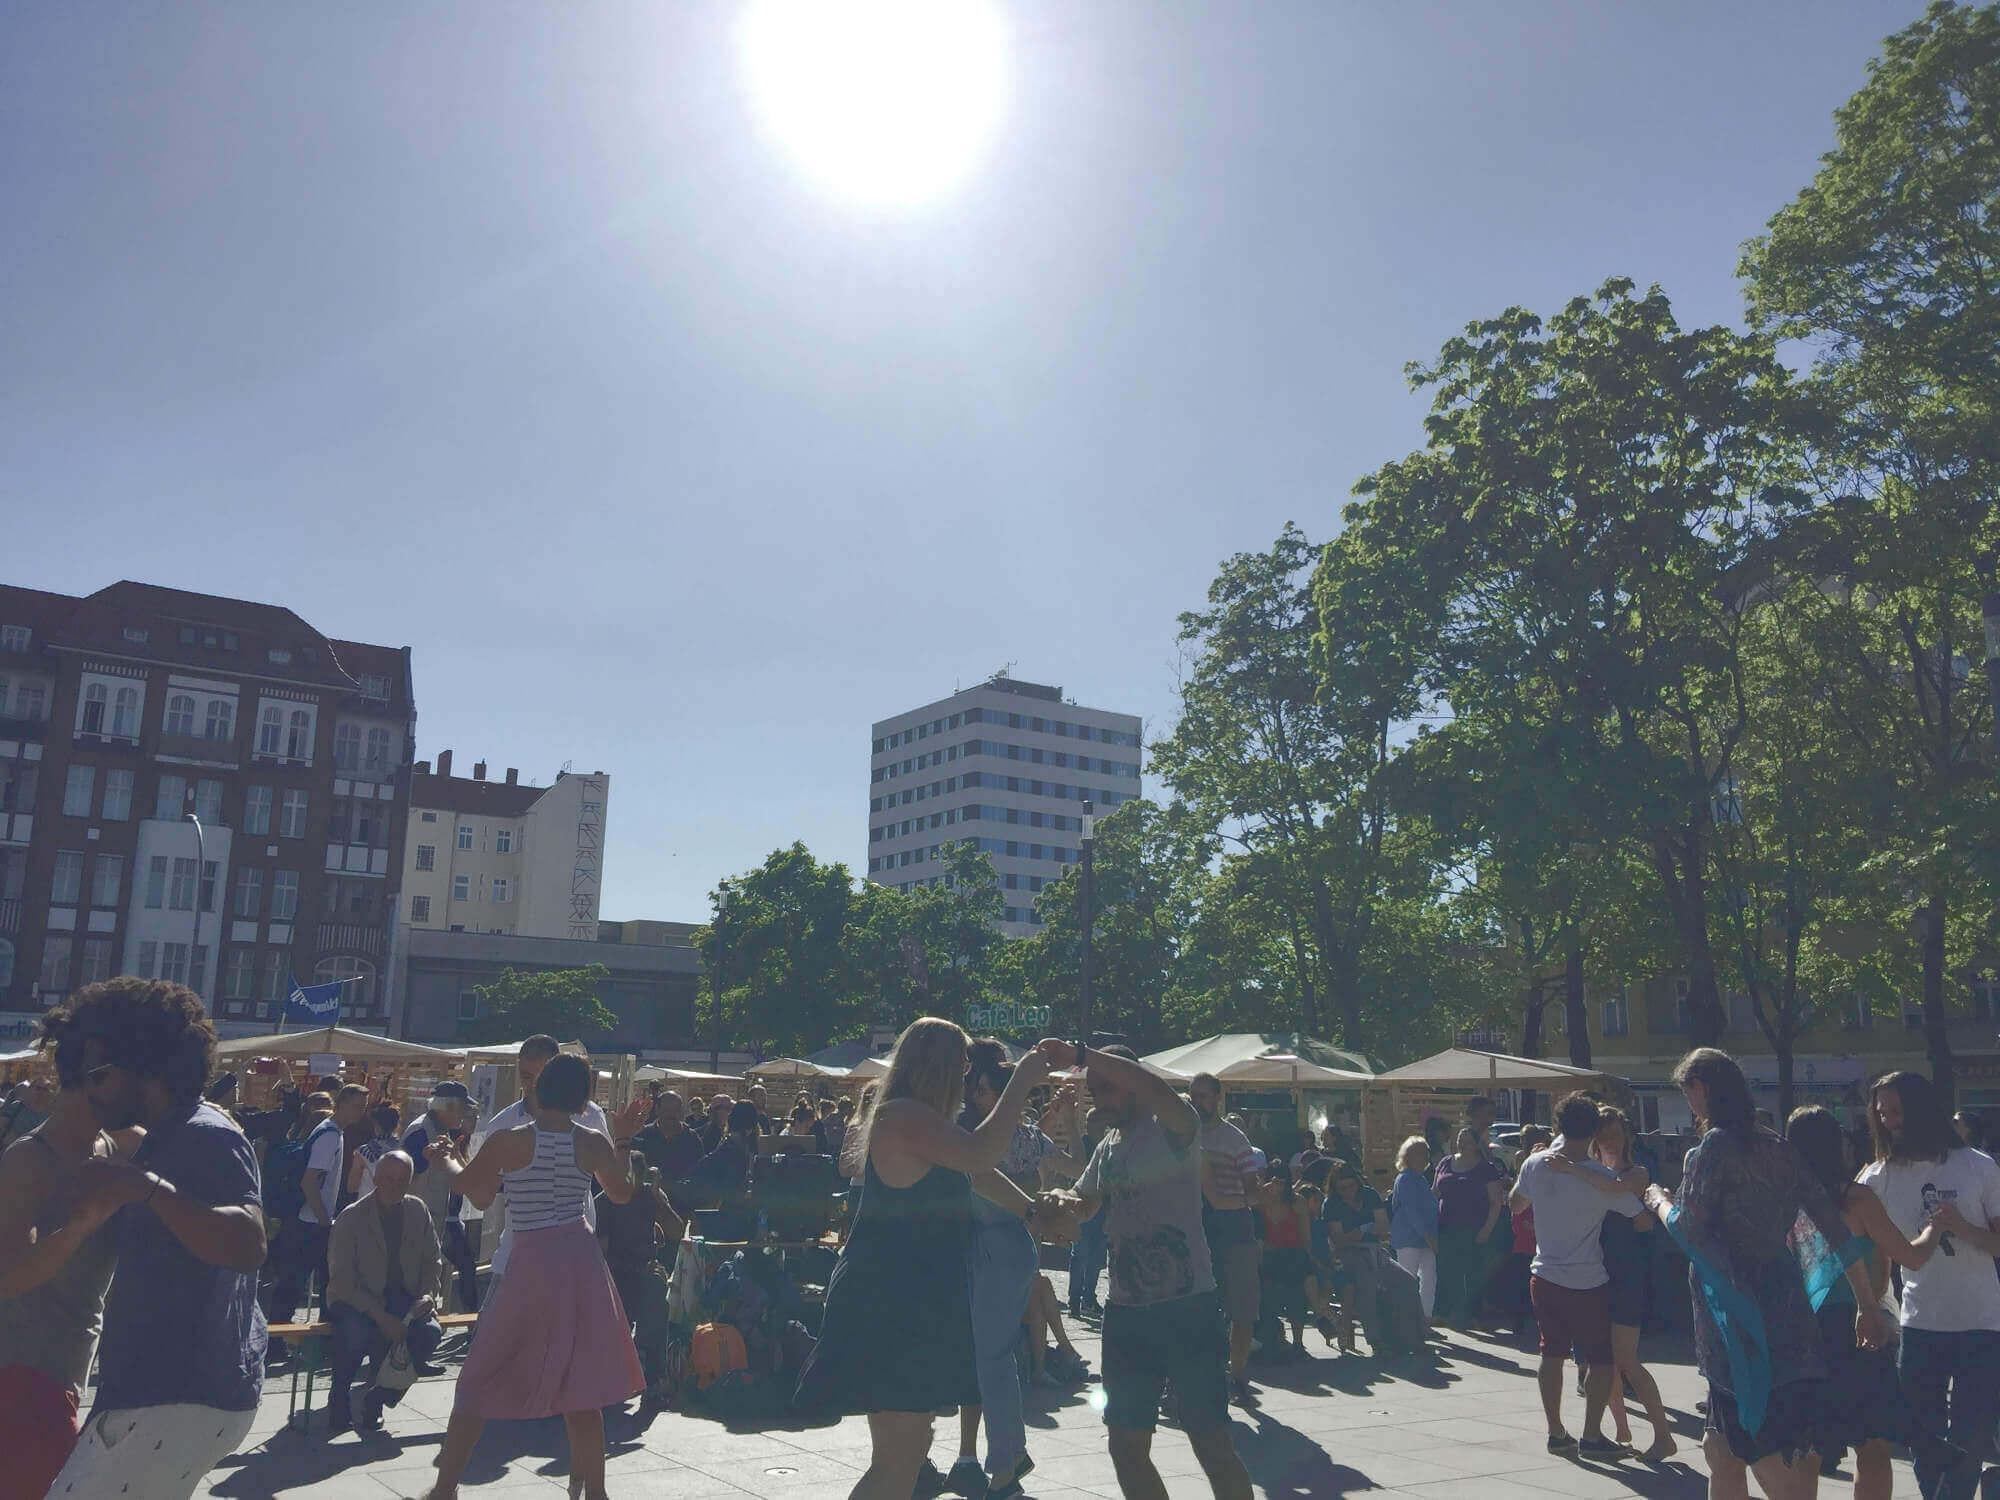 Tanzende Menschen auf Markt in Sonnenschein